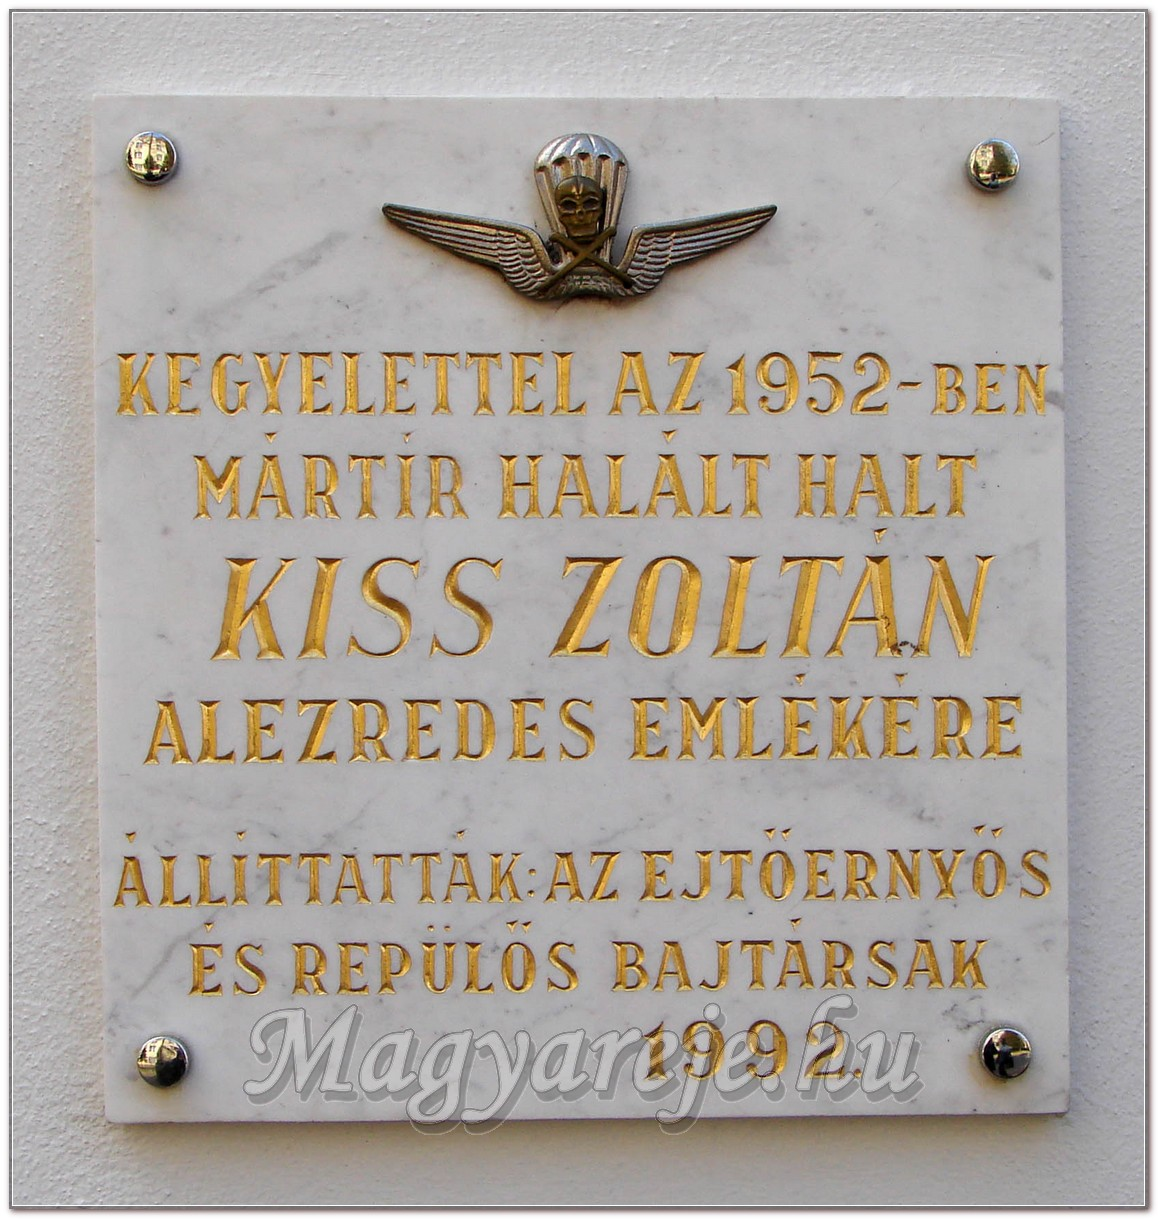 Kiss Zoltán ejtőernyős százados